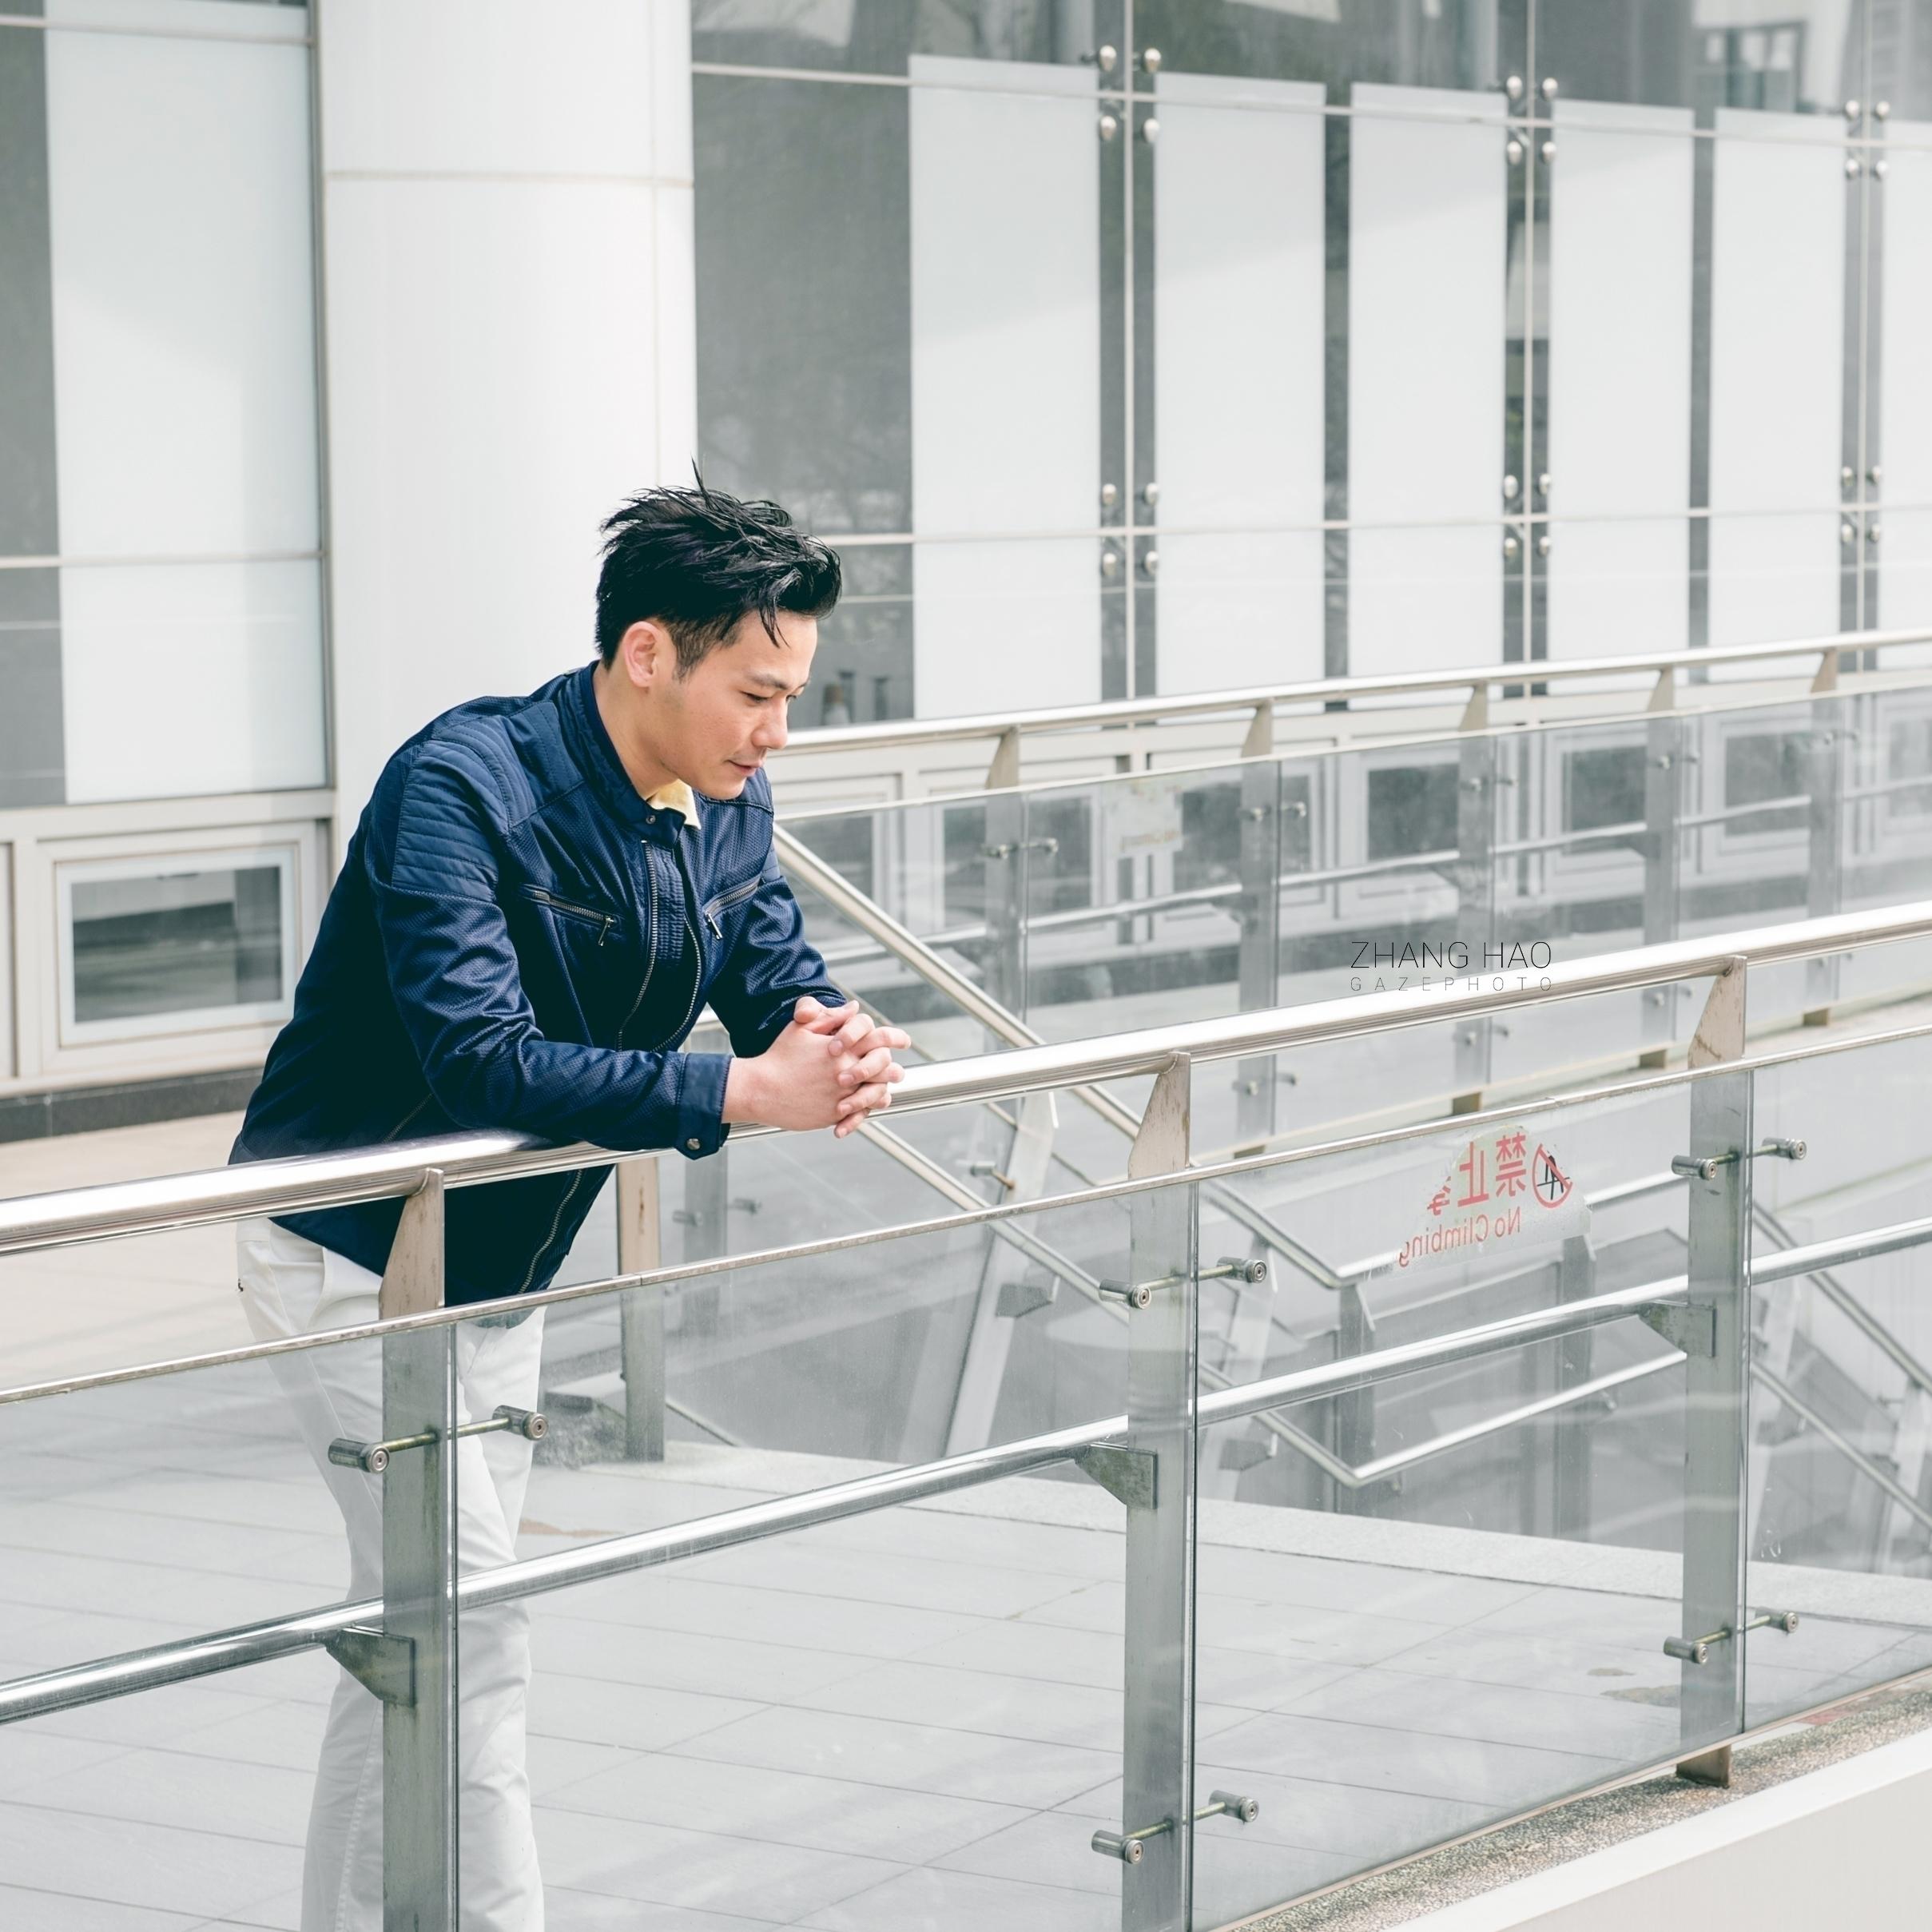 201802014 Photographer | 張顥 (Ha - zhanghao | ello